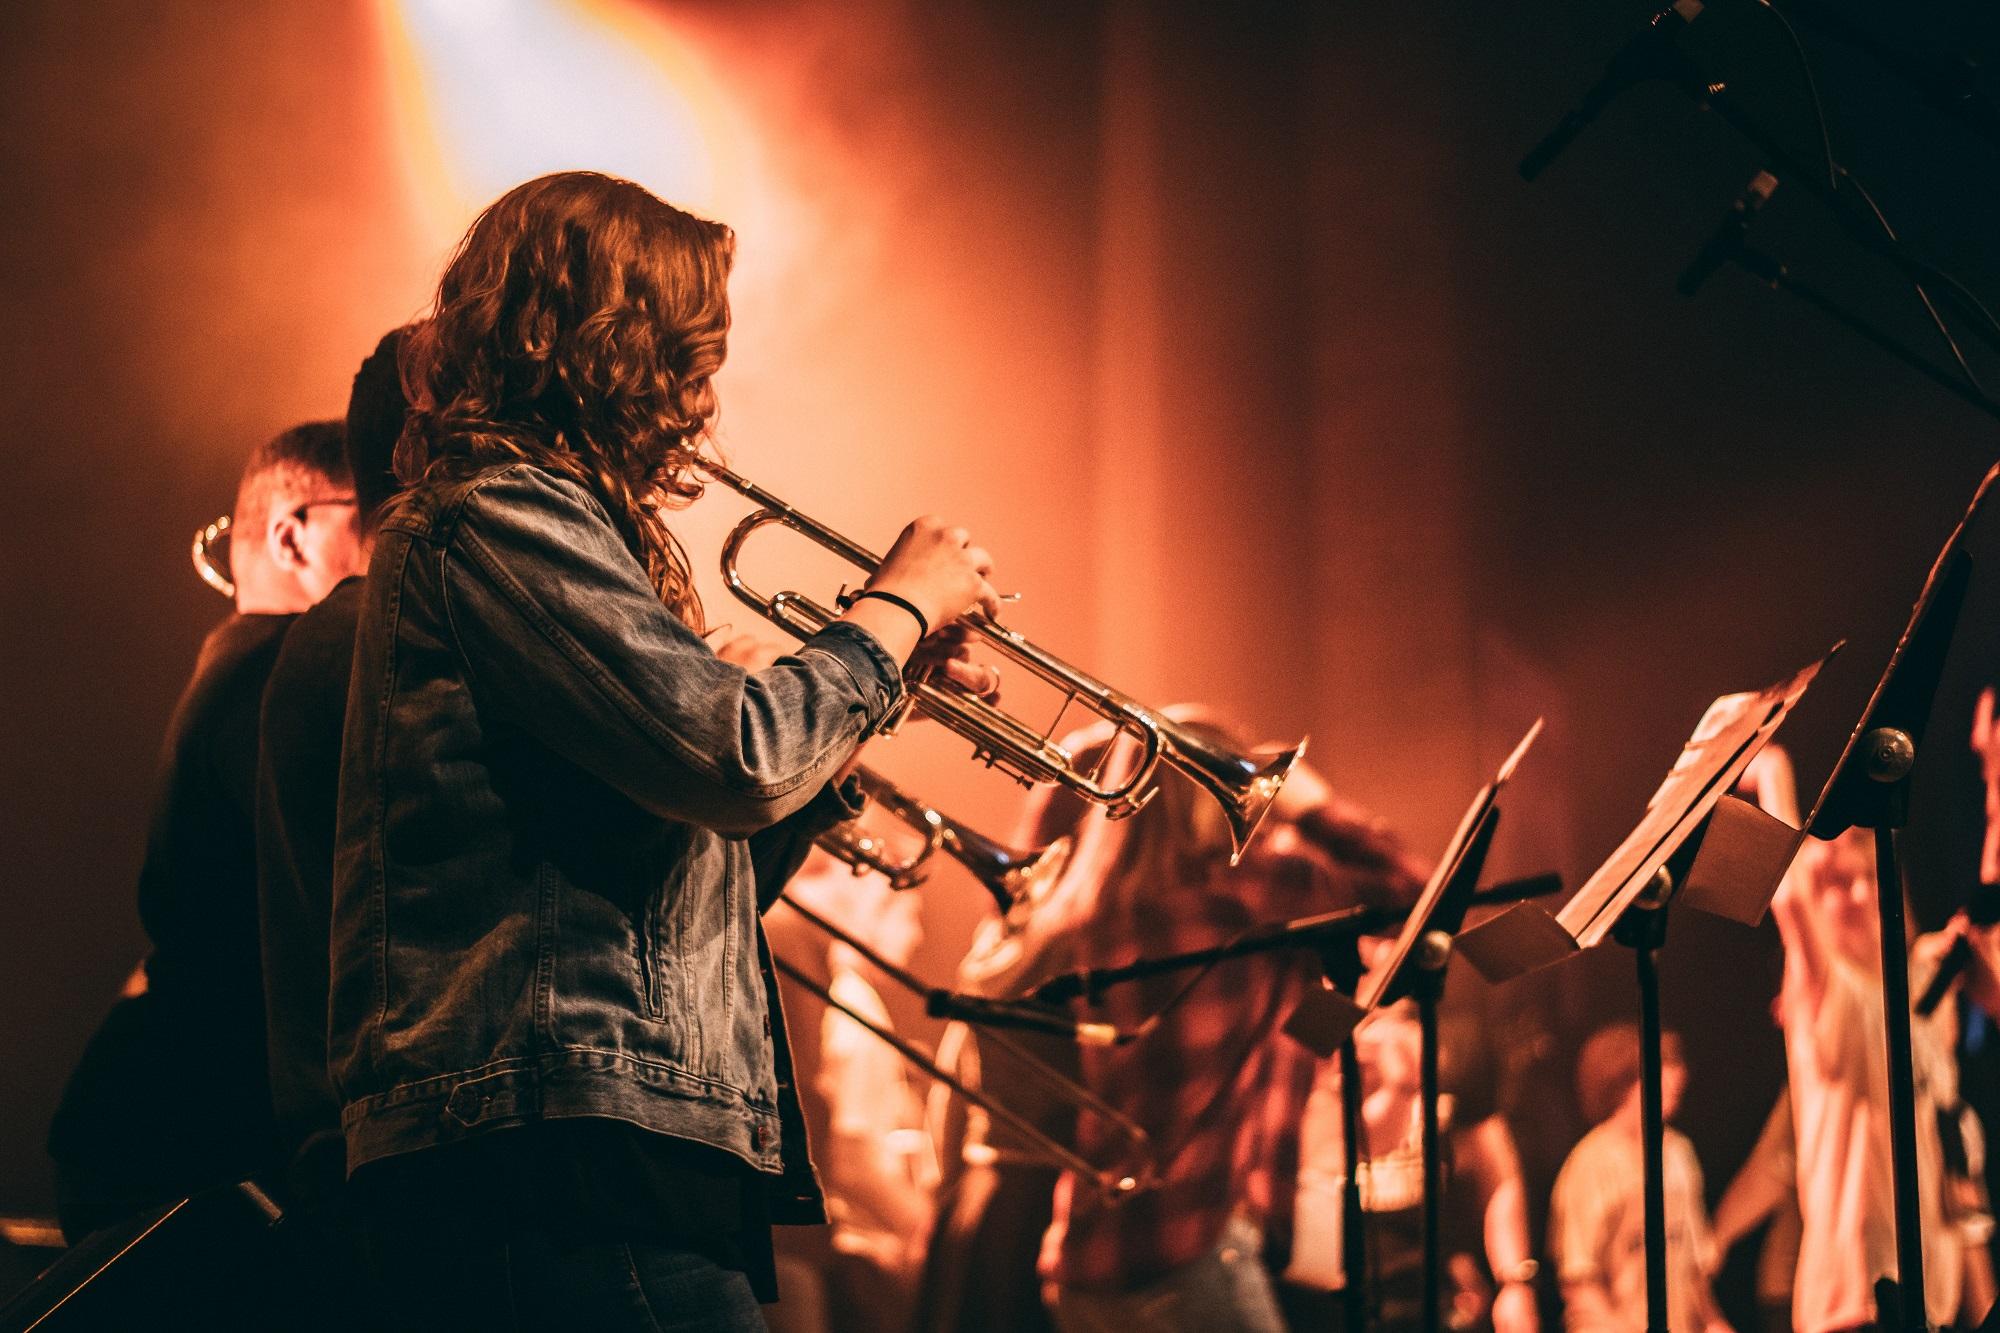 La composition musicale peut être insolite